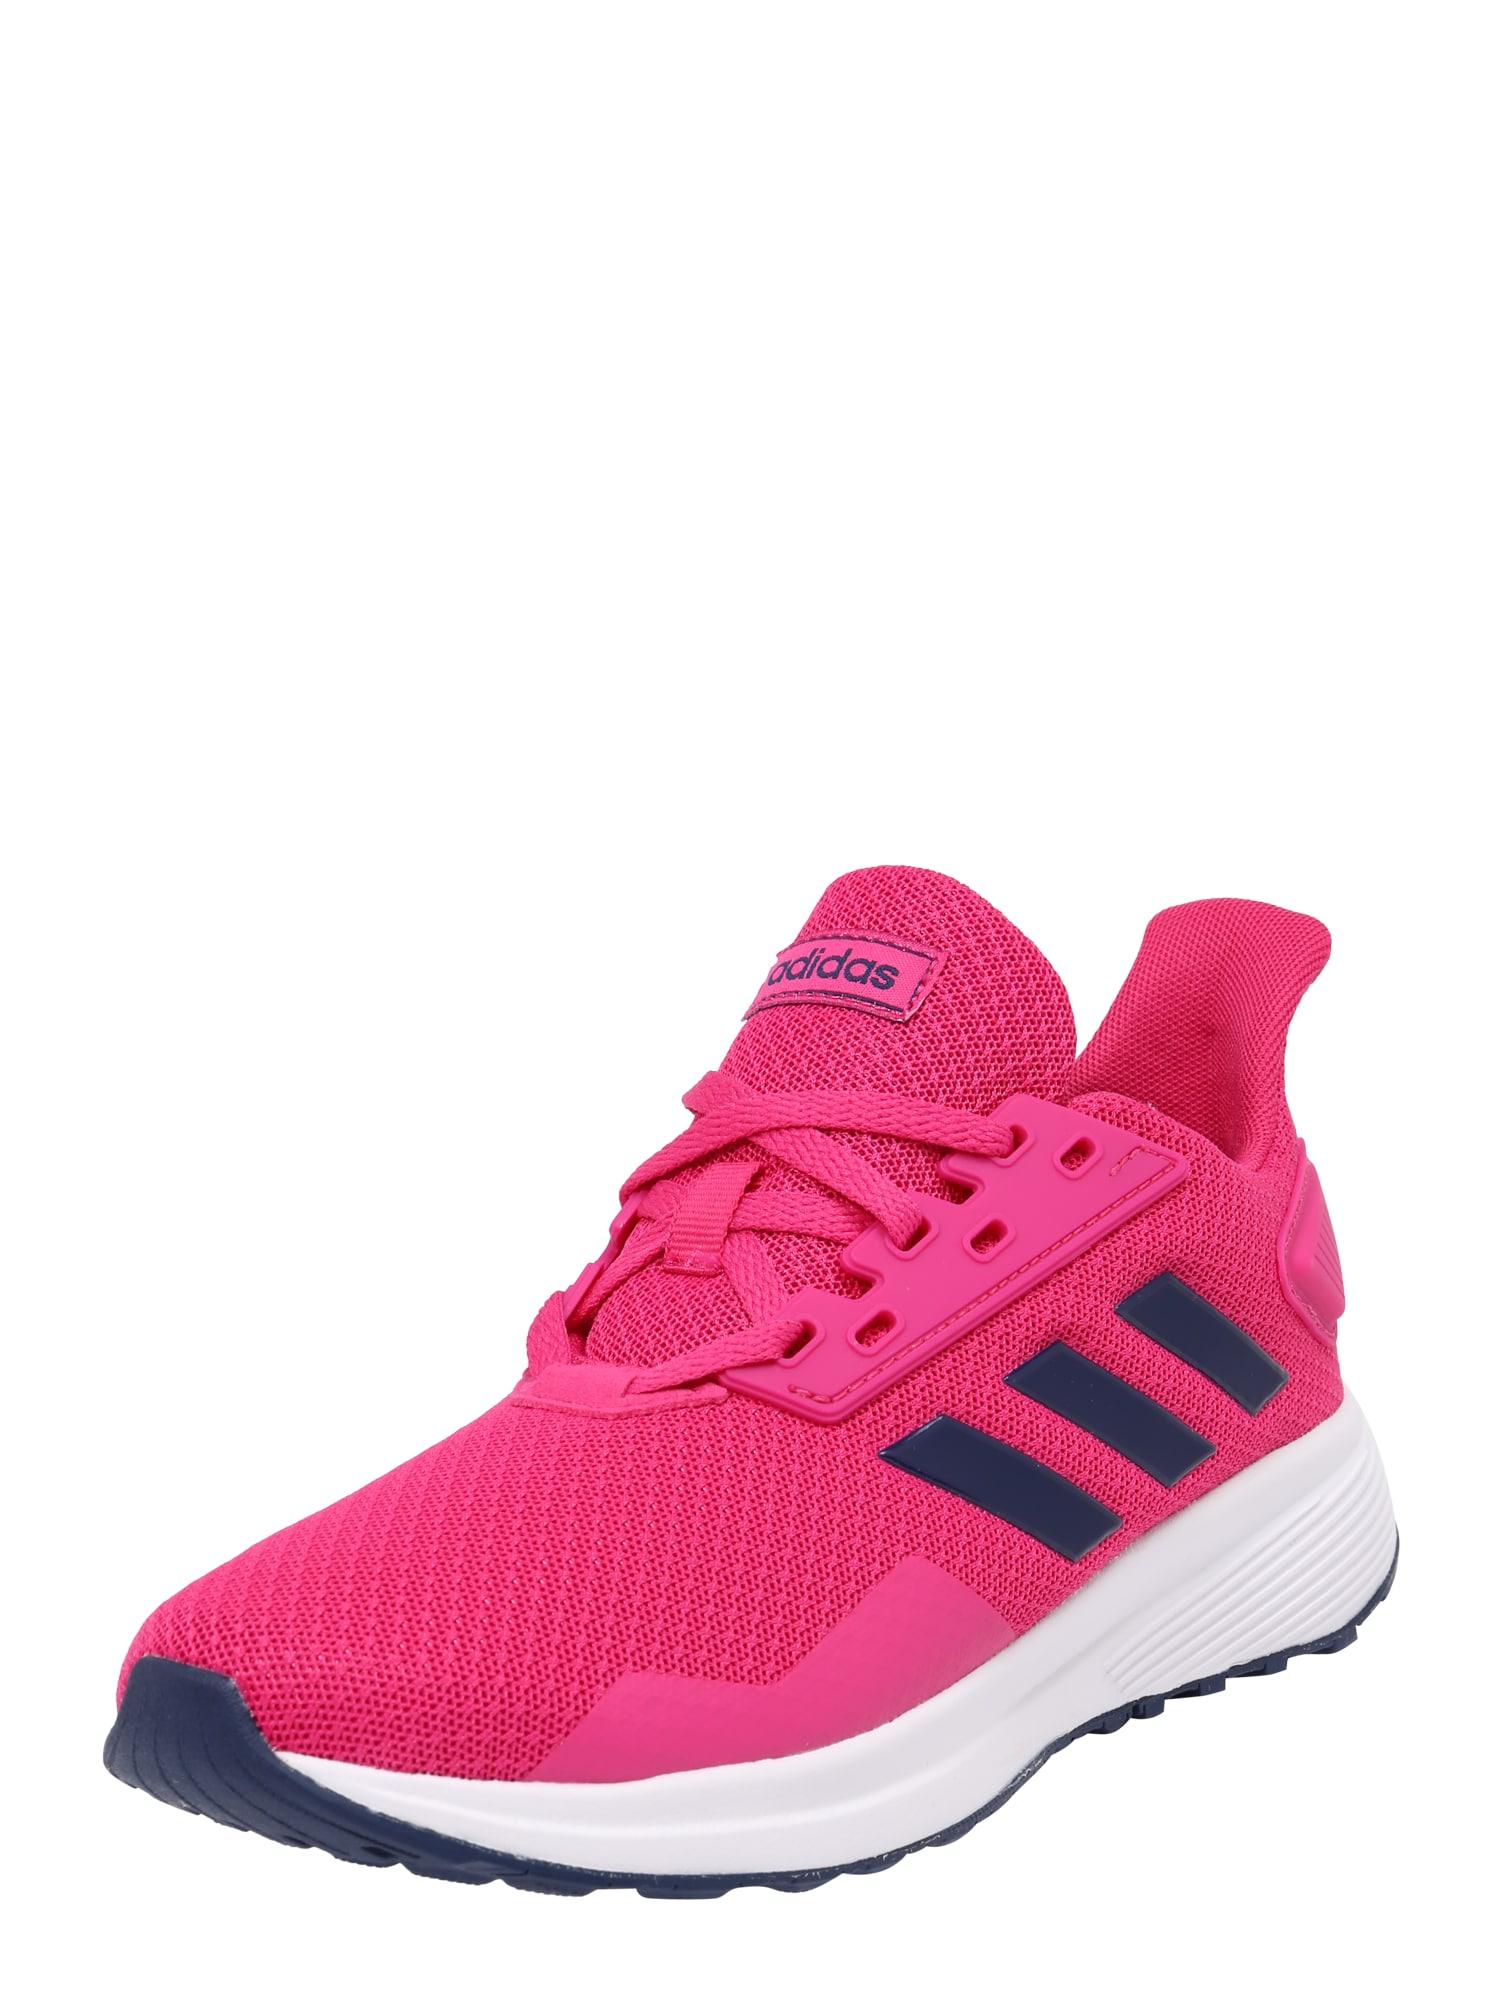 Sportovní boty DURAMO 9 K pink ADIDAS PERFORMANCE